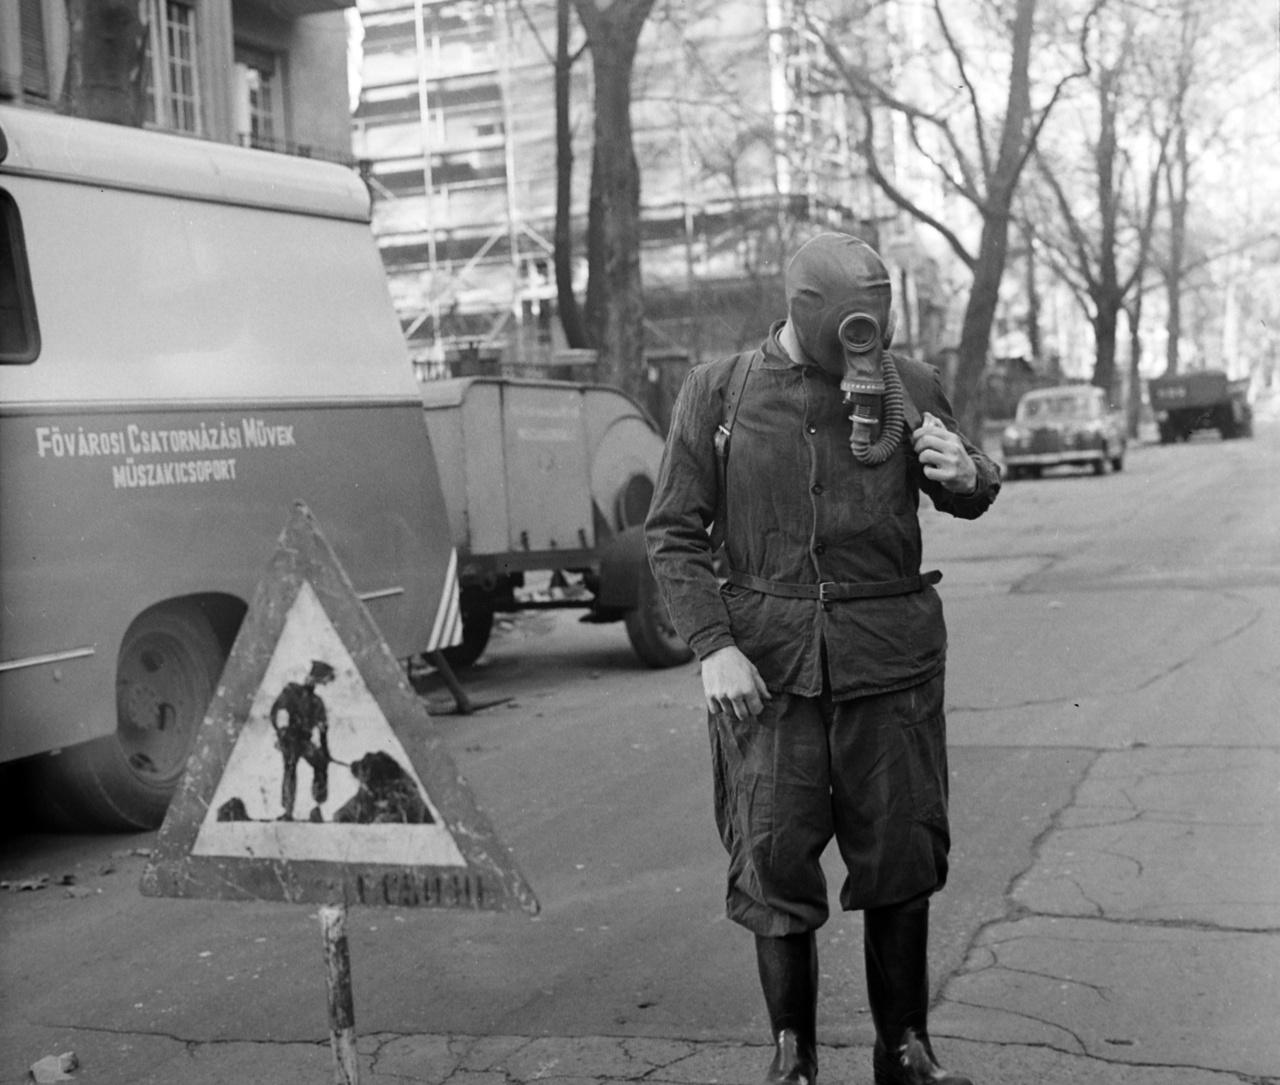 A magyar robotika kudarca                         Kevésen múlt, hogy az első robotokat nem Magyarországon helyezték forgalomba. A Földalatti Csőgörény Munkacsoport a Fővárosi Csatornázási Műveken belül megalakult titkos projekt volt, amelyről csak a tanácsi vállalat két felsővezetője, valamint, természetszerűleg, a programot finanszírozó Magyar Néphadsereg illetékesei tudtak. Amikor a prototípus elkészült, a tervezők izgatott csoportja egy szimulált munkaterületen mutatta azt be Molch Ödön FCSM-vezérnek és két szigorú nézésű egyenruhásnak, akik nem mutatkoztak be (talán a nevük is államtitok volt). A robot mozgott, mint egy ember, nem szögletesebben és darabosabban, mint Molch Ödön egy-egy jól sikerült szombat esti konyakozás másnapján. A bemutató végén a tervezőcsoport vezetőjével értékelték a projektet.                         – Mennyi is az eddigi költségvetés? – kérdezte Molch.                         A tervezőcsoport vezetője megmondta az összeget. A három derék férfiú összenézett. Az egyik, sűrűbb szemöldökű egyenruhás szólalt meg.– És mennyi egy 18 éves, nyolc osztályt sem végzett melós éves munkabére erre a munkára? Ezúttal Molch mondott egy számot. Most csak a két egyenruhás nézett össze. A robotprojektet másnap leállították. Az egyetlen prototípus sorsáról senki semmit nem tudott, bár Molch Ödön egyszer mintha felfedezni vélte volna egy parlamenti kormánypárti frakcióban.